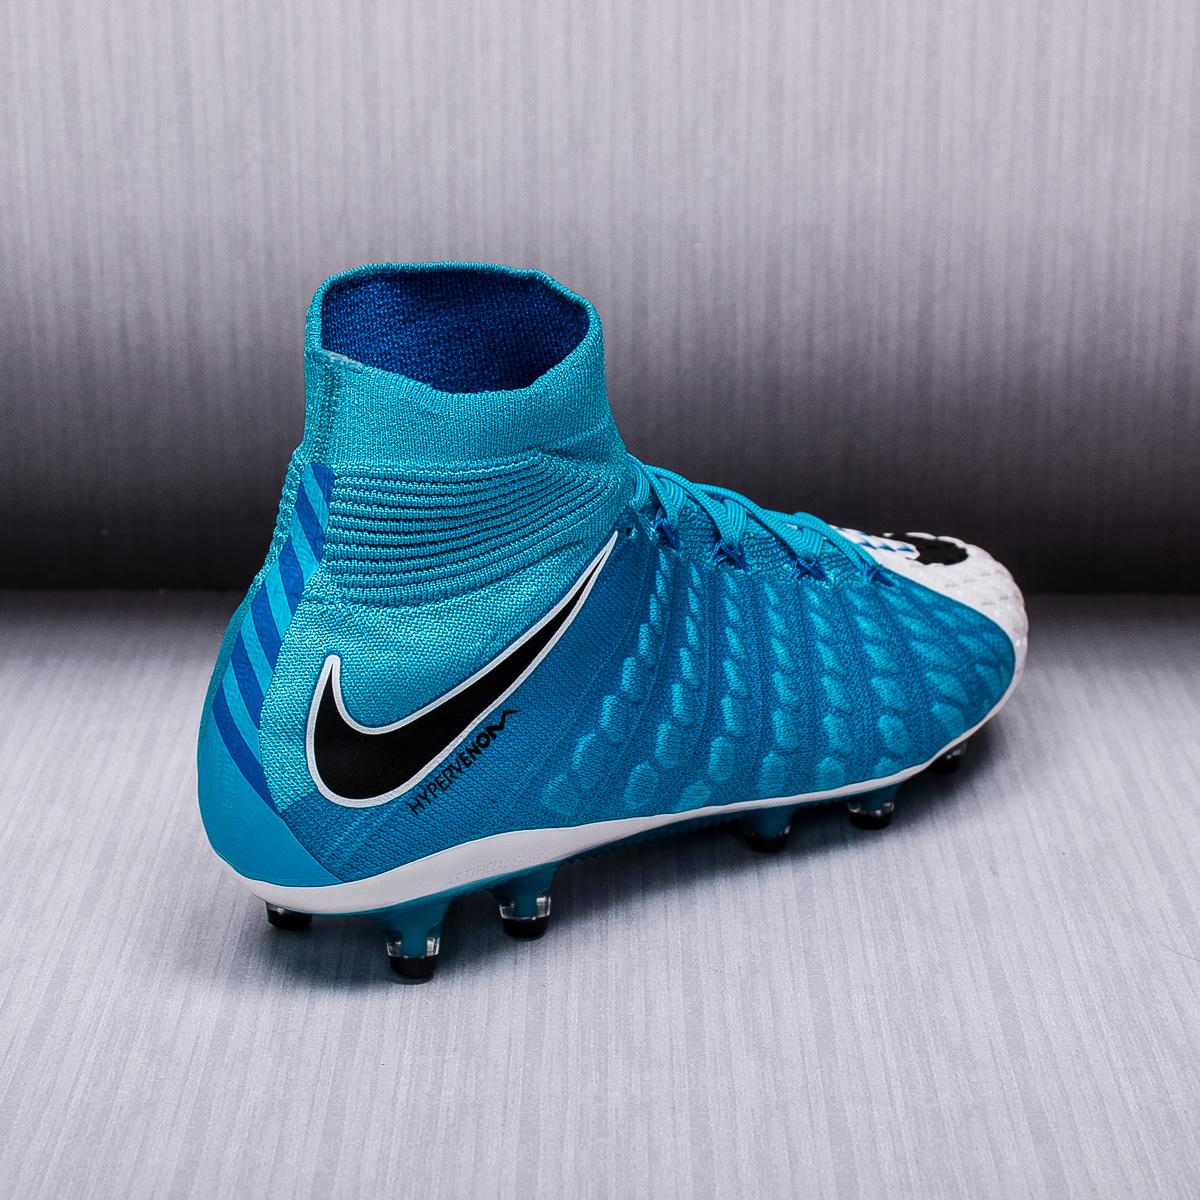 uk availability 48e97 7cb67 Nike Hypervenom Phantom 3 DF AG-PRO Soccer Cleats - Soccer ...